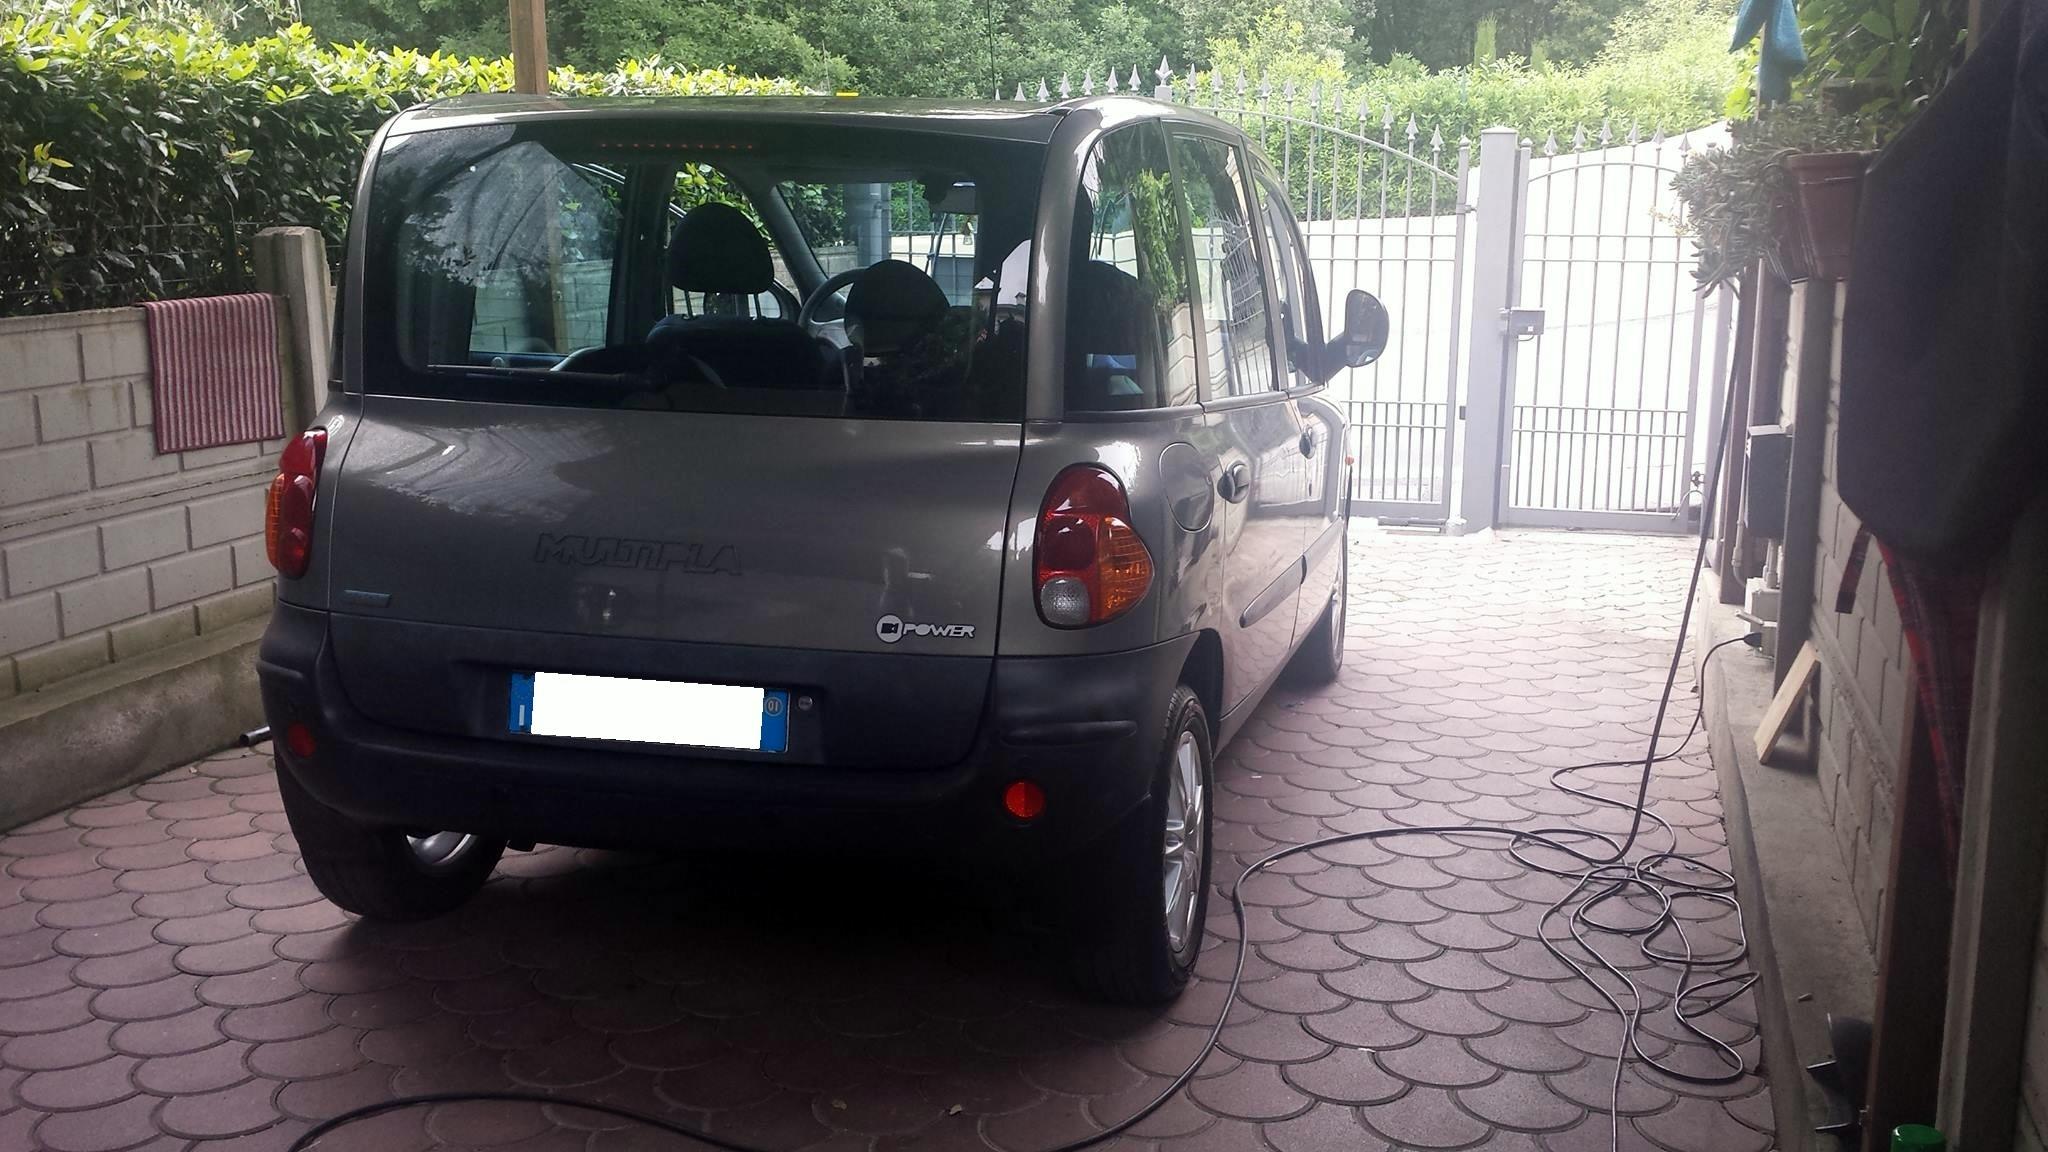 2001 Fiat Multipla Bi Power, il ritorno! 10359355_10203410248009643_2099183359_o